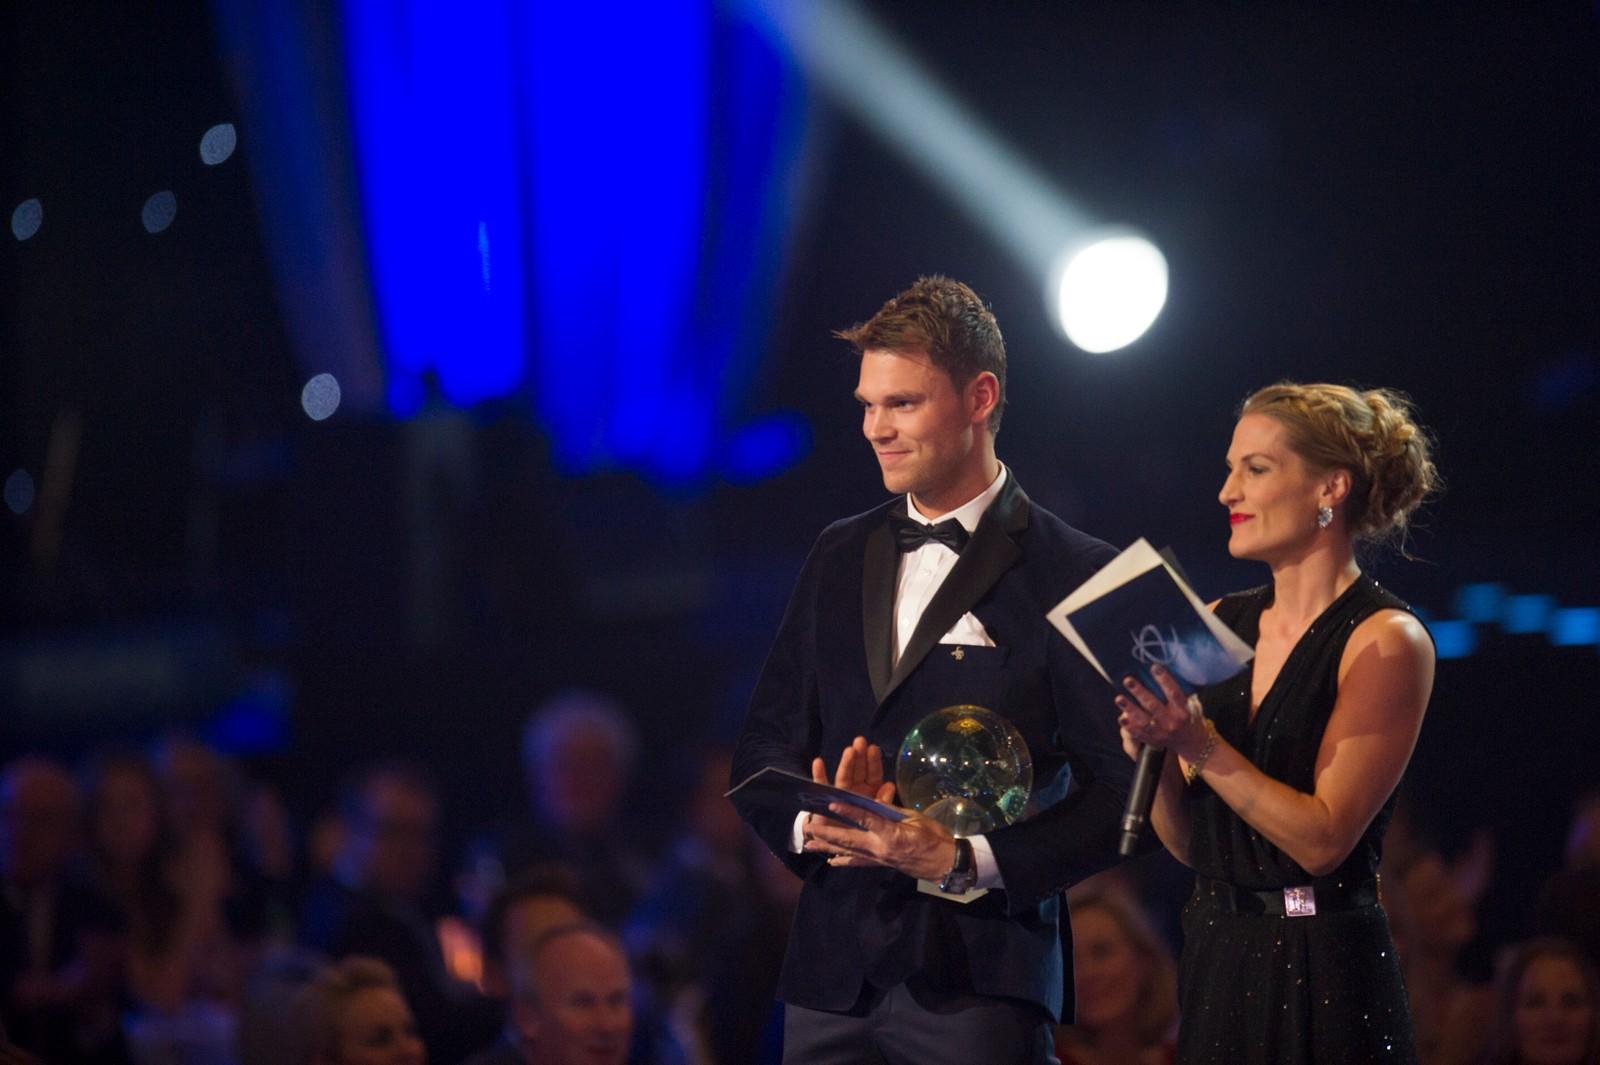 Kampsportutøver Thea Næss og rallykjører Andreas Mikkelsen deler ut prisen for «Årets forbilde» under Idrettsgallaen.